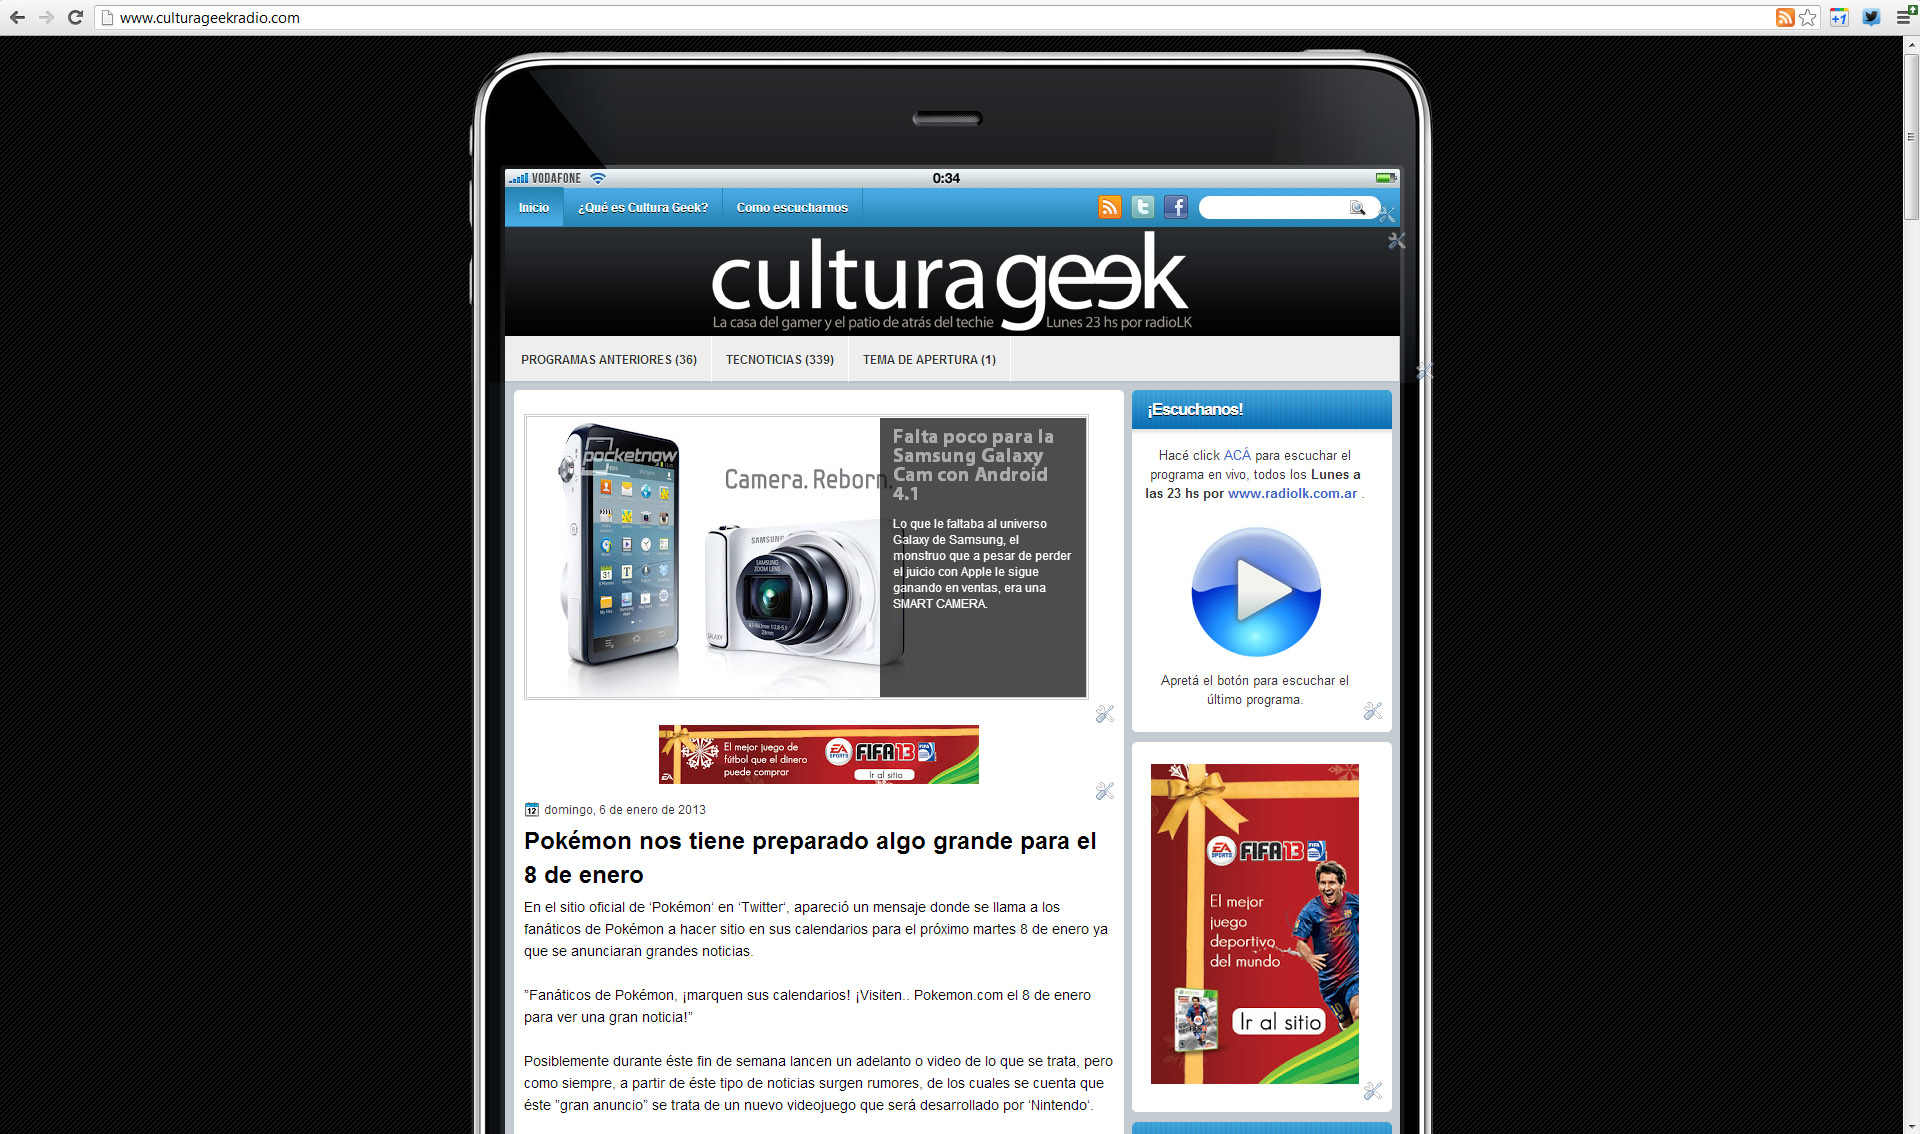 Captura de culturageekradio.com